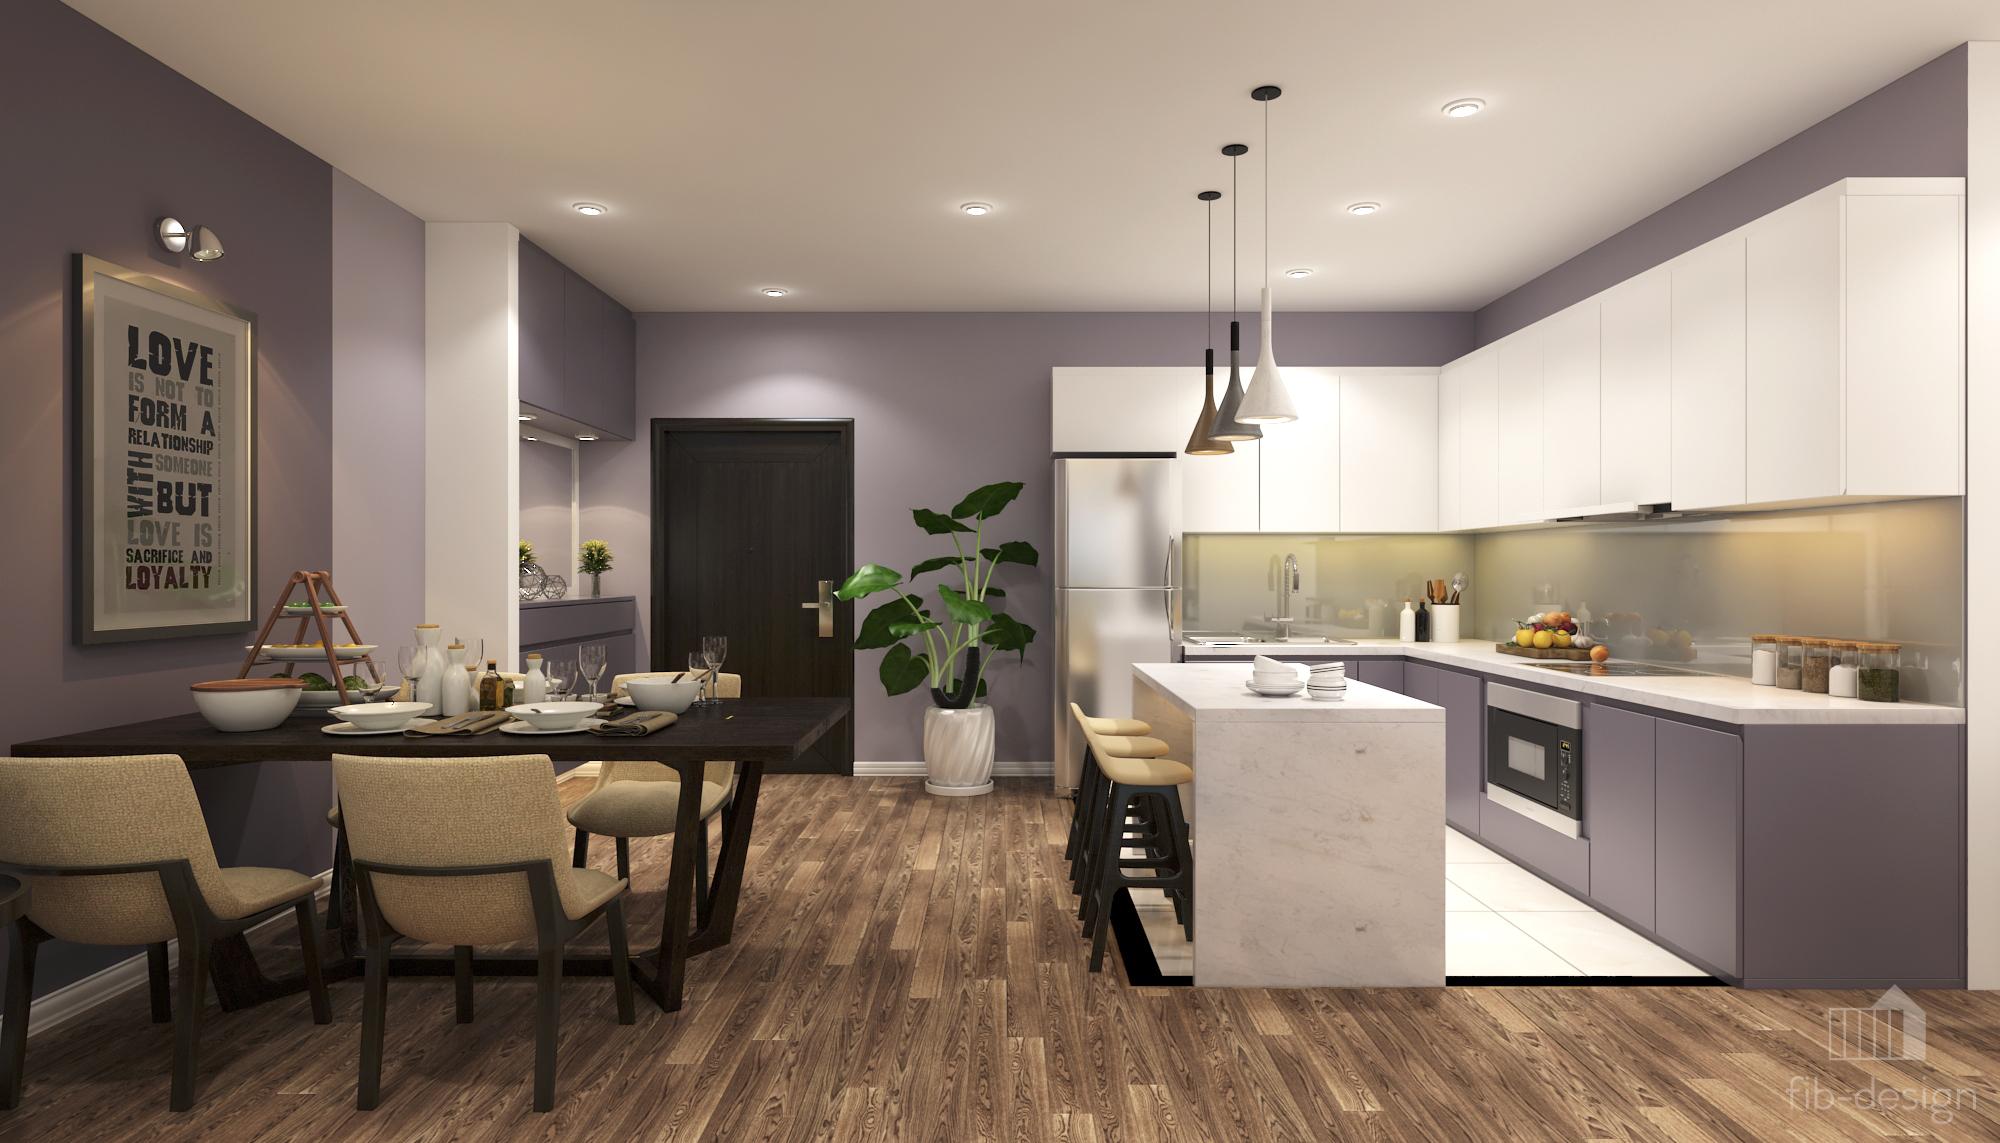 thiết kế nội thất chung cư tại Hà Nội P714 Chung cư GOLDSiLK 4 1544083440